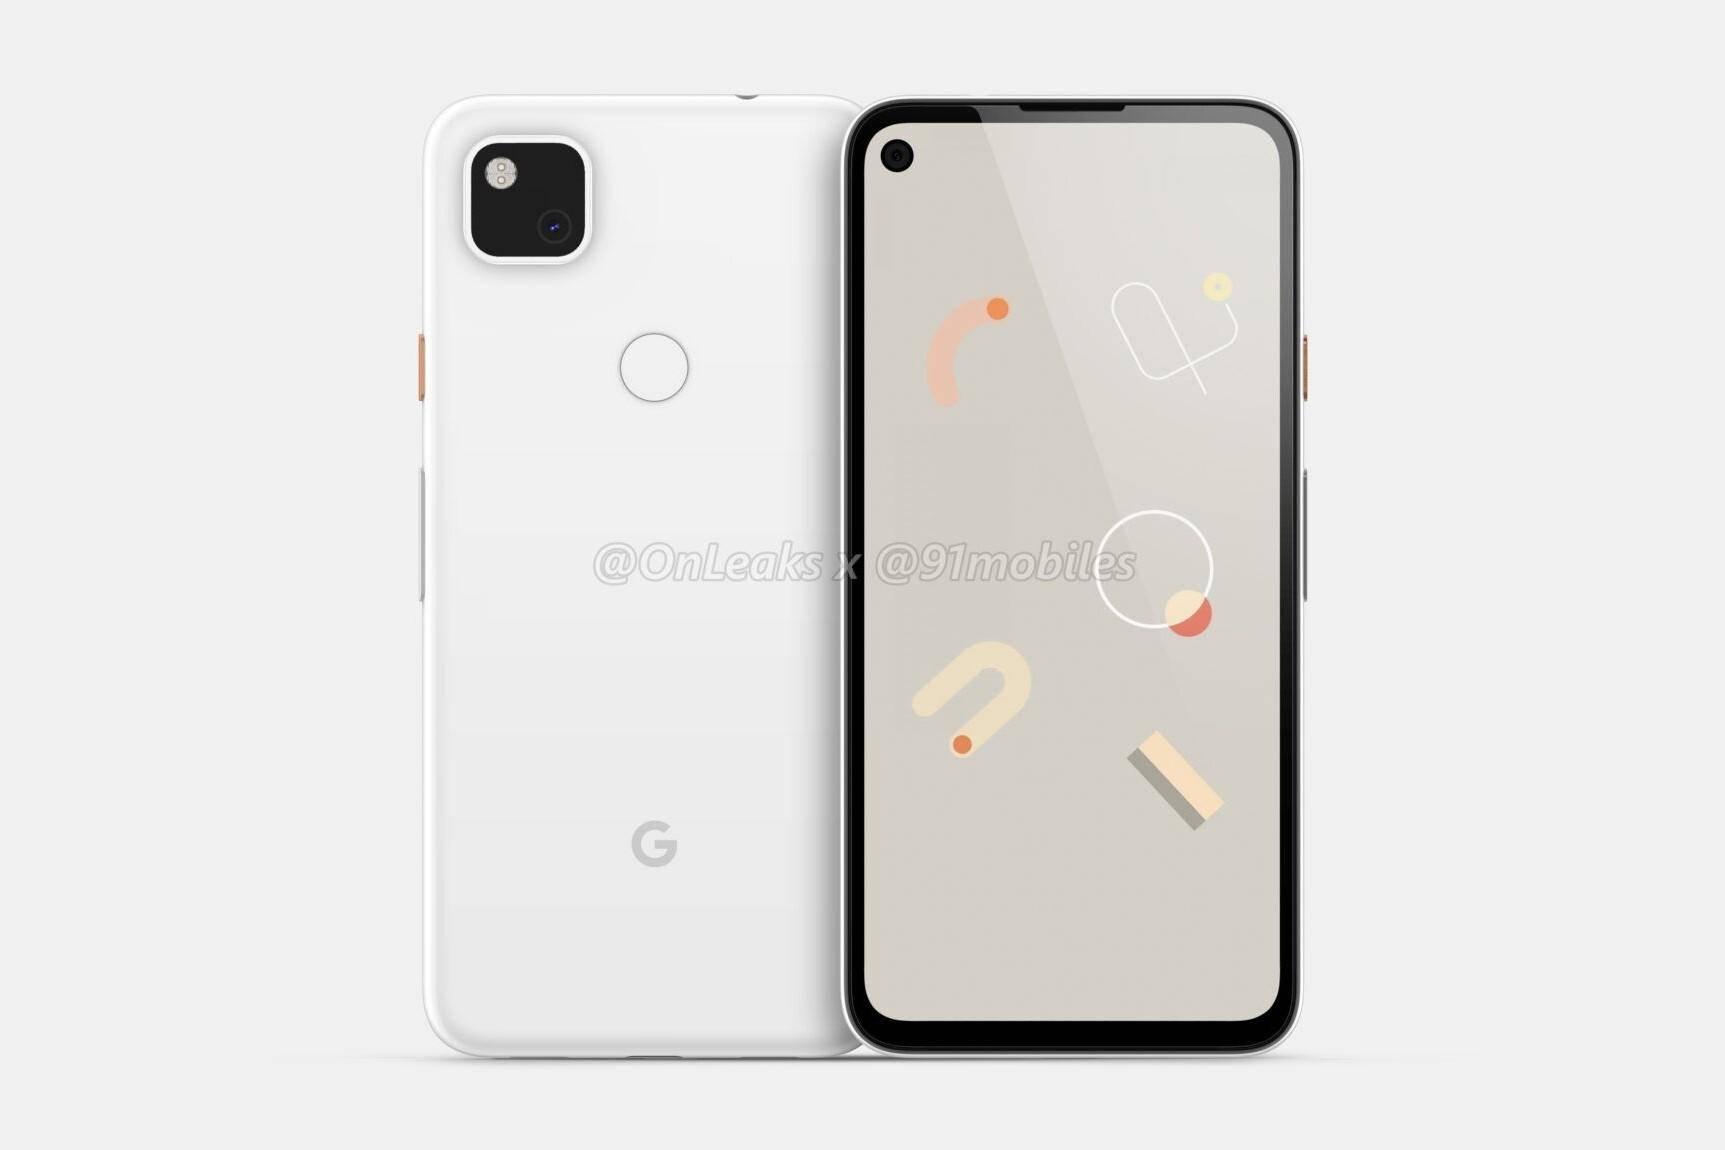 谷歌Pixel 4a渲染图曝光:系列首款打孔屏手机